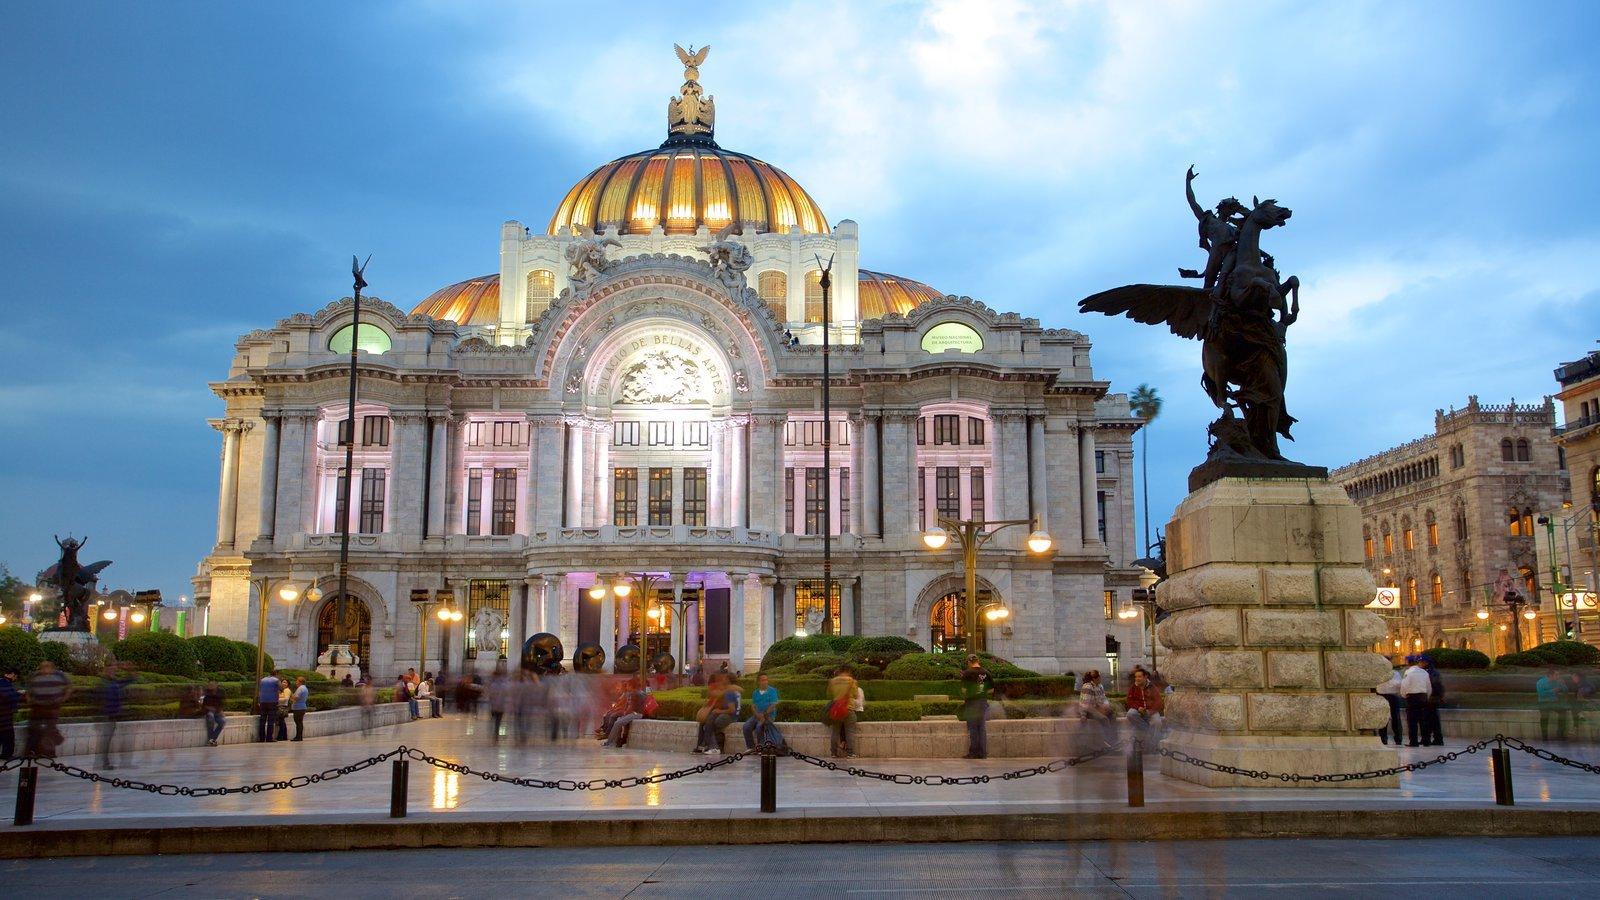 Фото центральной площади города владивостока данной схеме